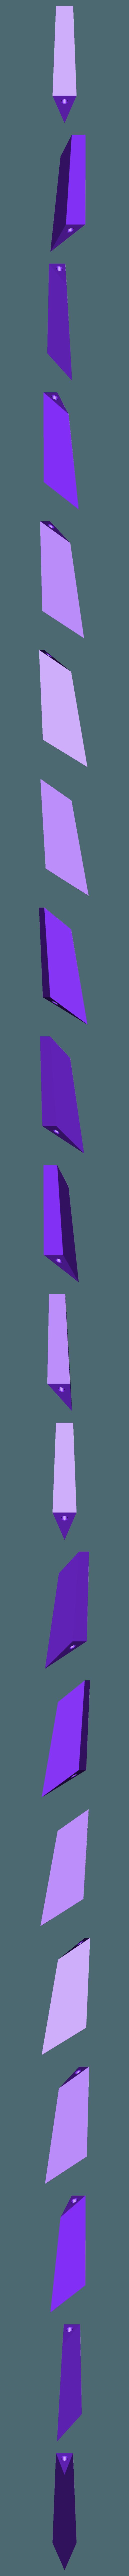 lower_neck.stl Télécharger fichier STL gratuit Porte-casque • Plan pour imprimante 3D, marcossierra